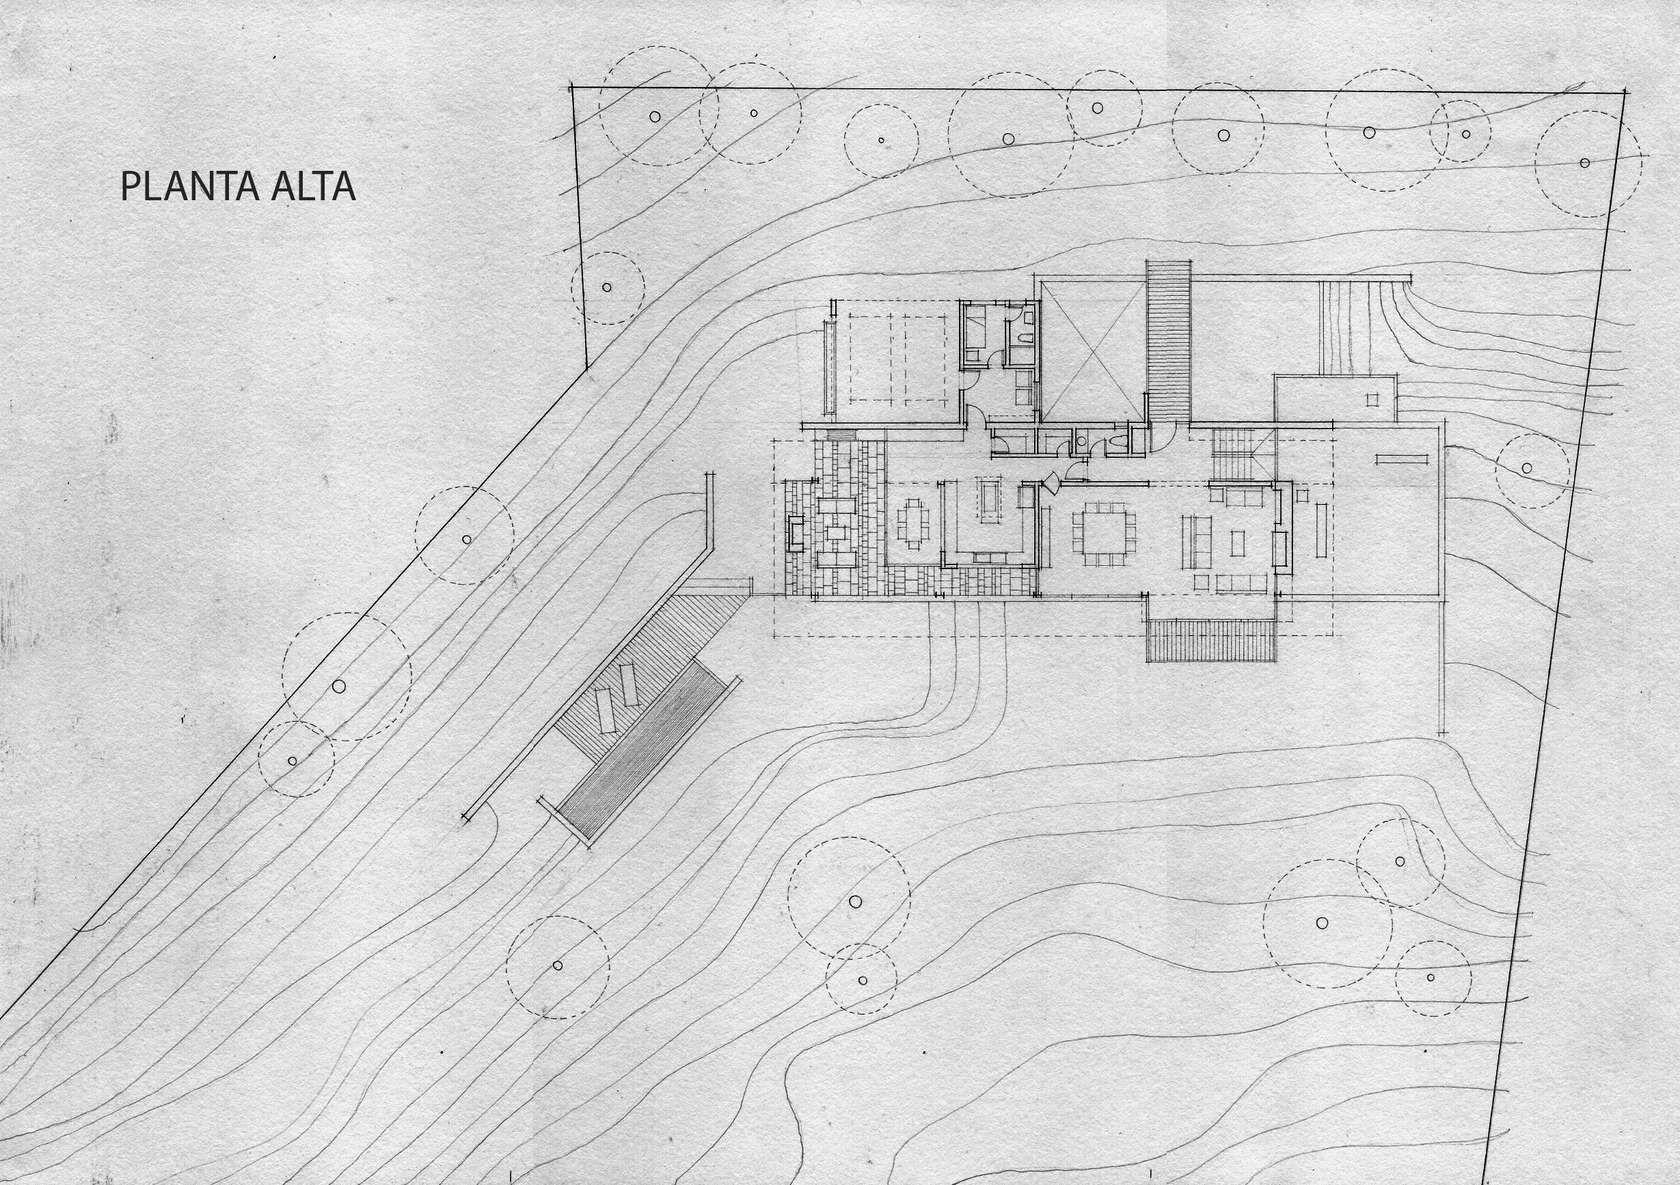 Los chillos house dessins équateur la maison de mes rêves plans architecturaux